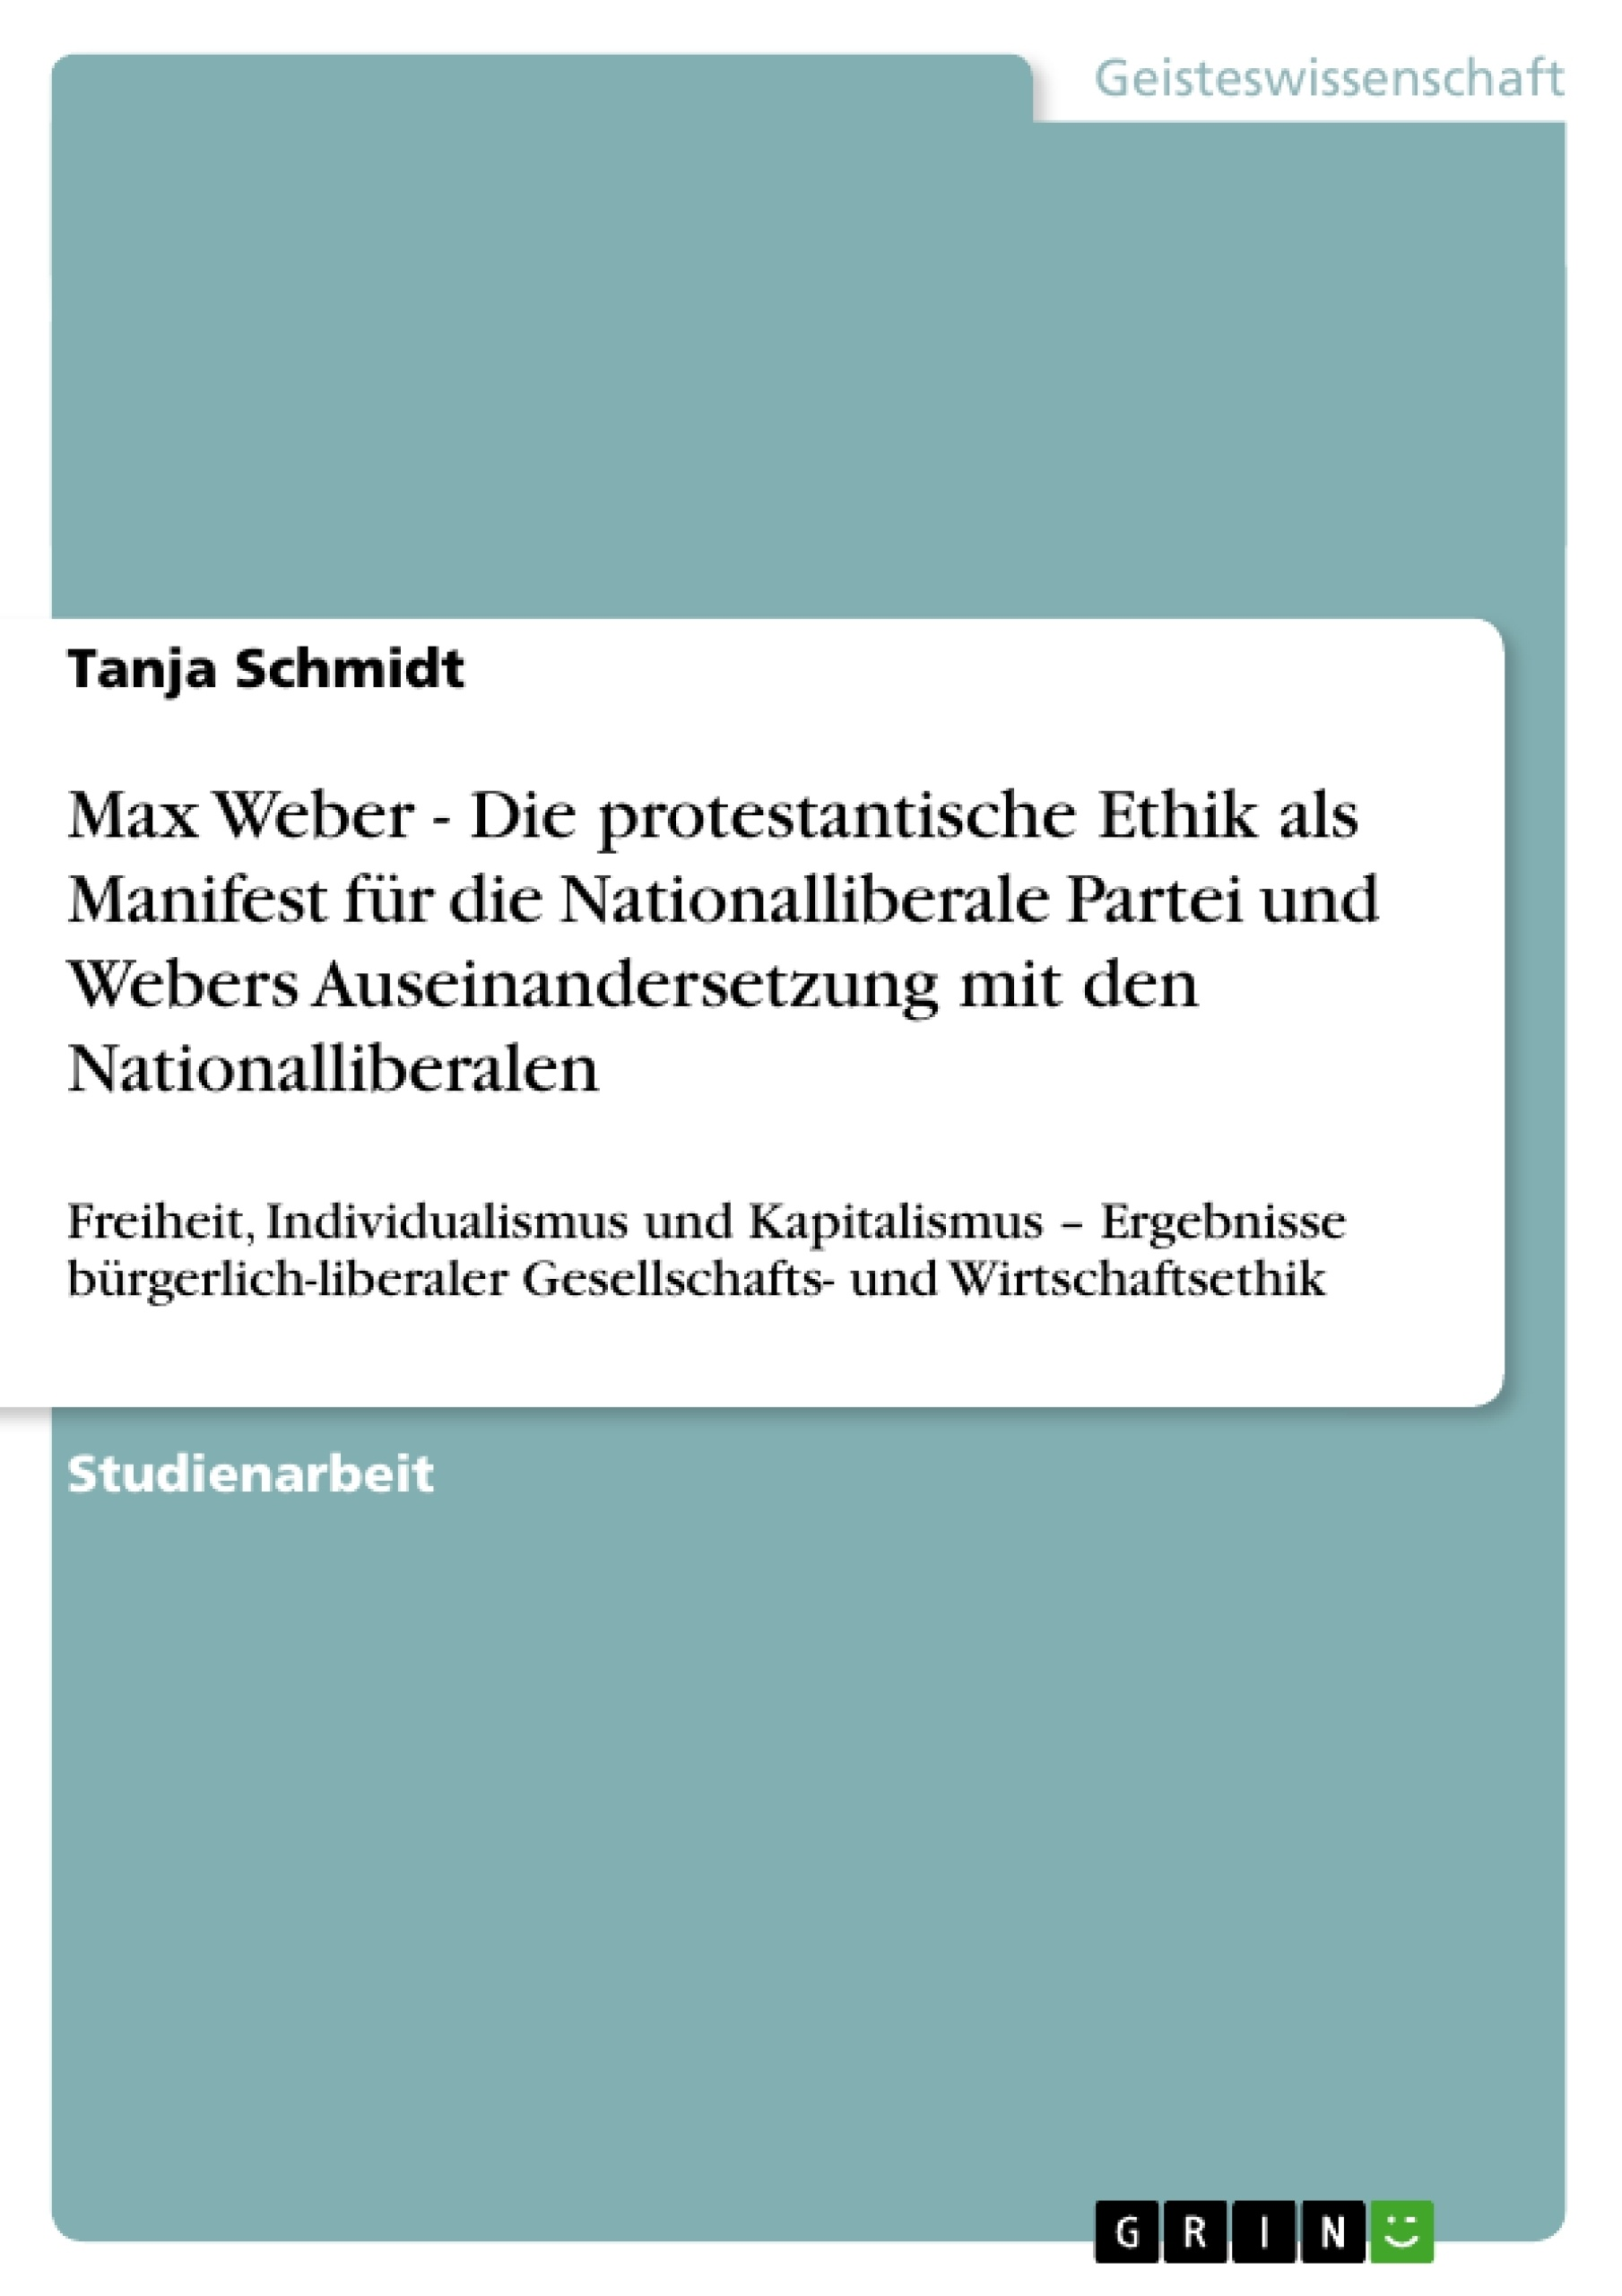 Titel: Max Weber - Die protestantische Ethik als Manifest für die Nationalliberale Partei und Webers Auseinandersetzung mit den Nationalliberalen